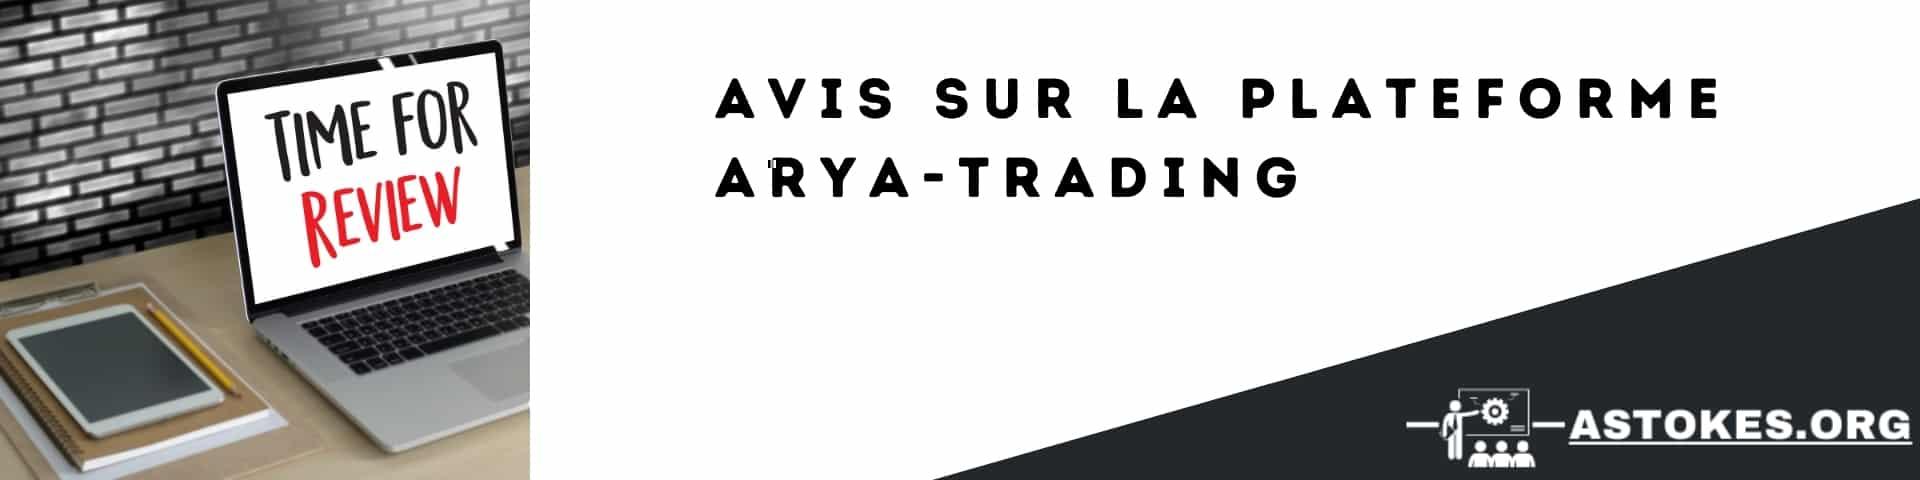 Avis sur la plateforme ARYA-trading